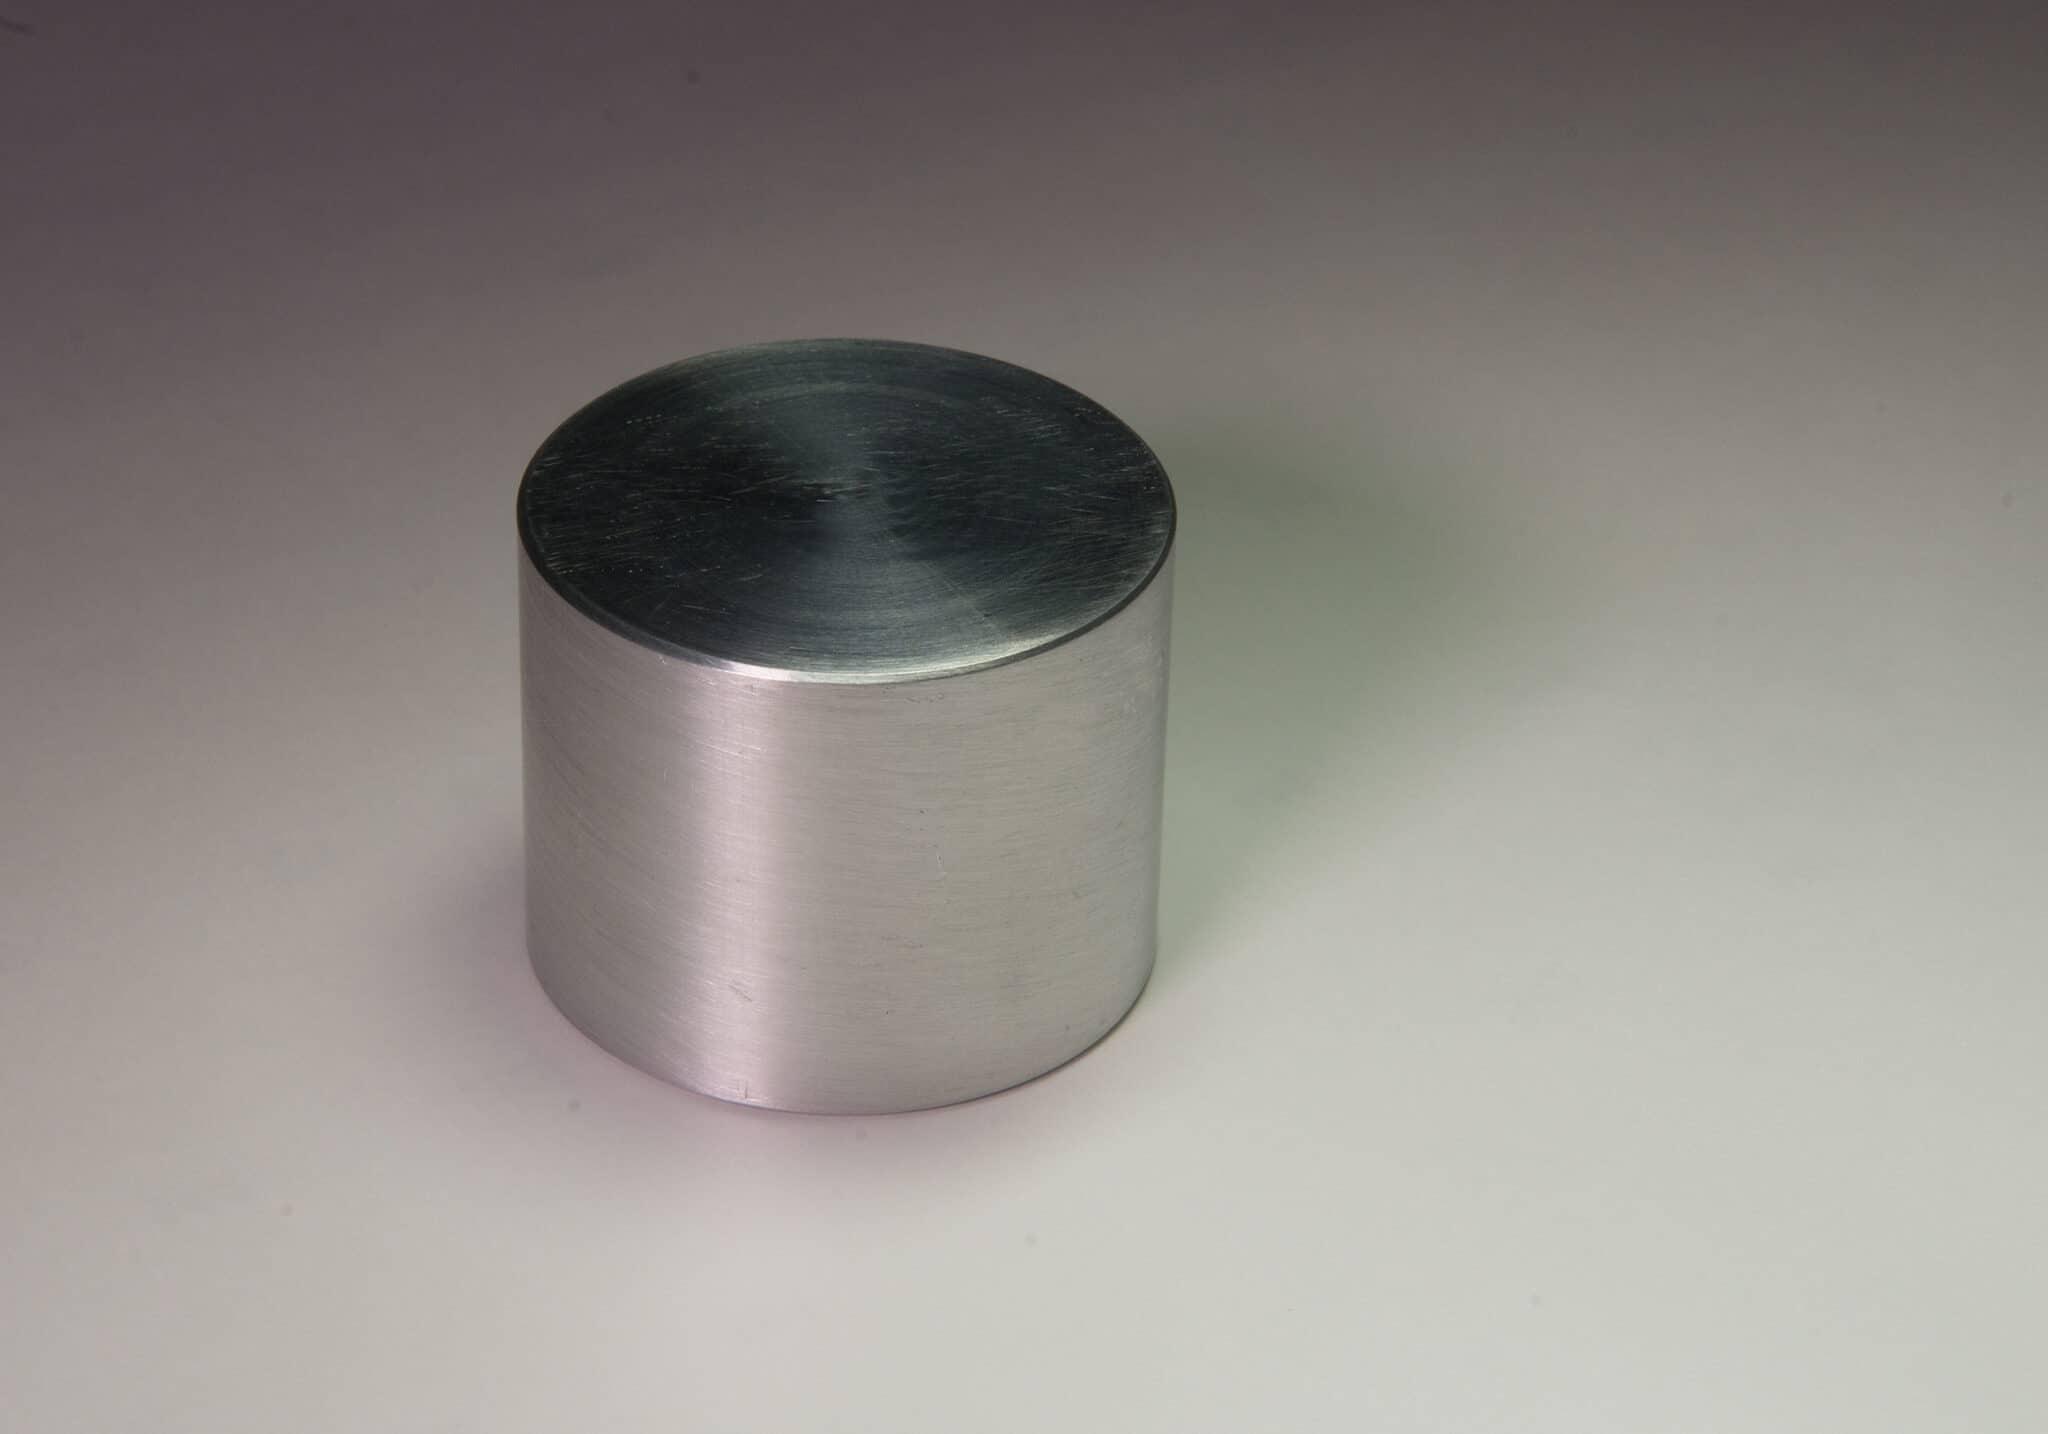 Bloc à refroidir d'aluminium rond Art. No. 133.503